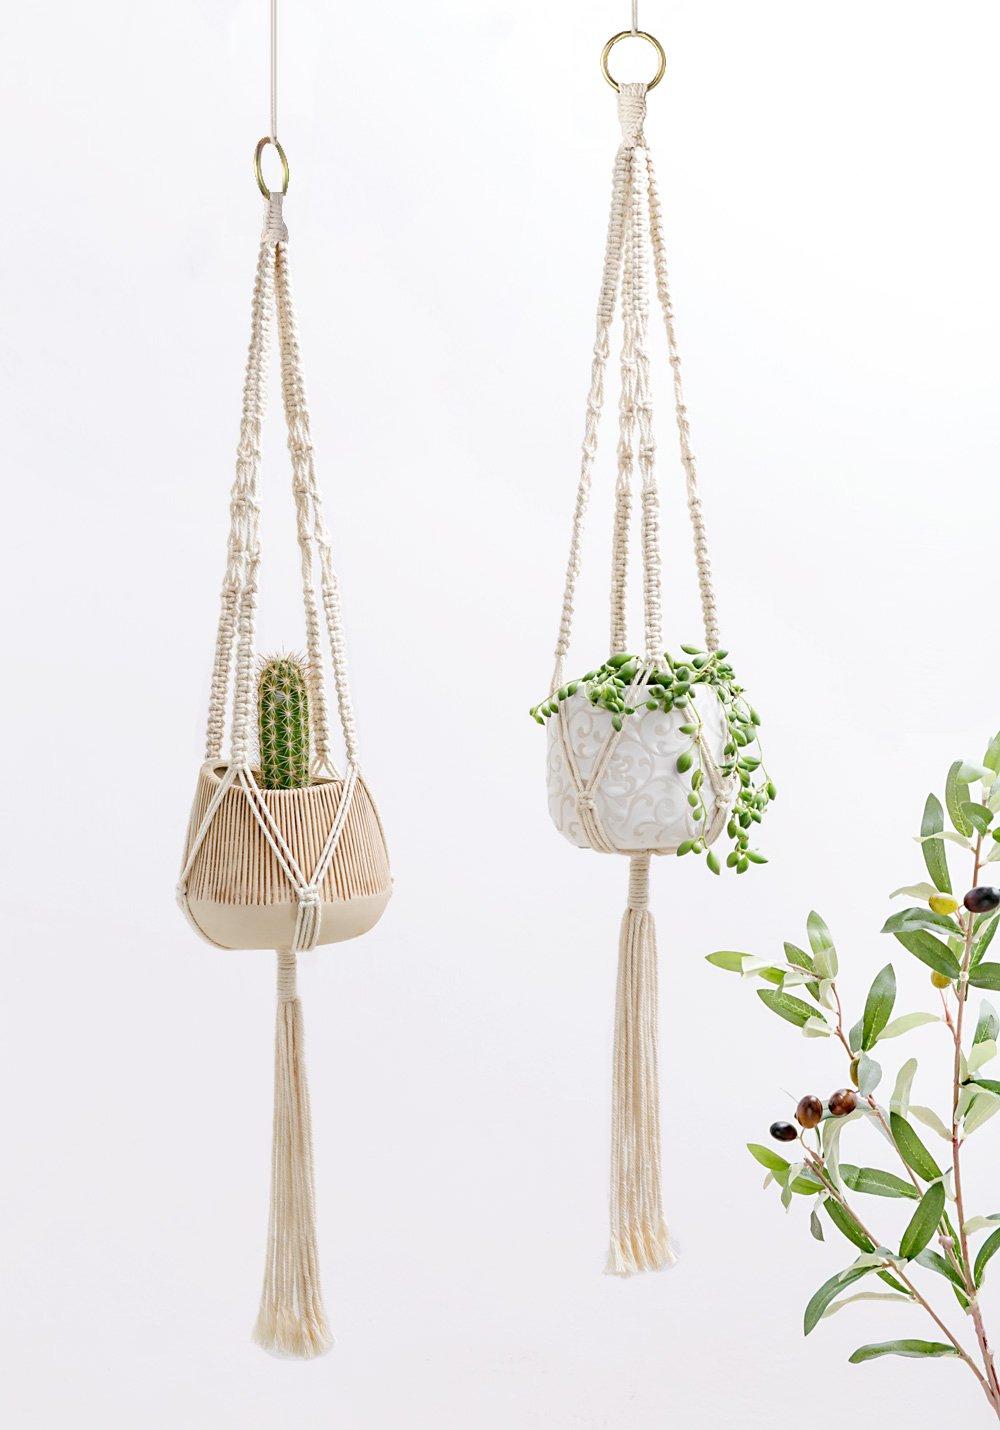 Mkouo 2 Paquets Suspension pour Plante Macram/é Porte D/écoration du Jardin avec 4 Jambes en Corde de Coton 77 cm